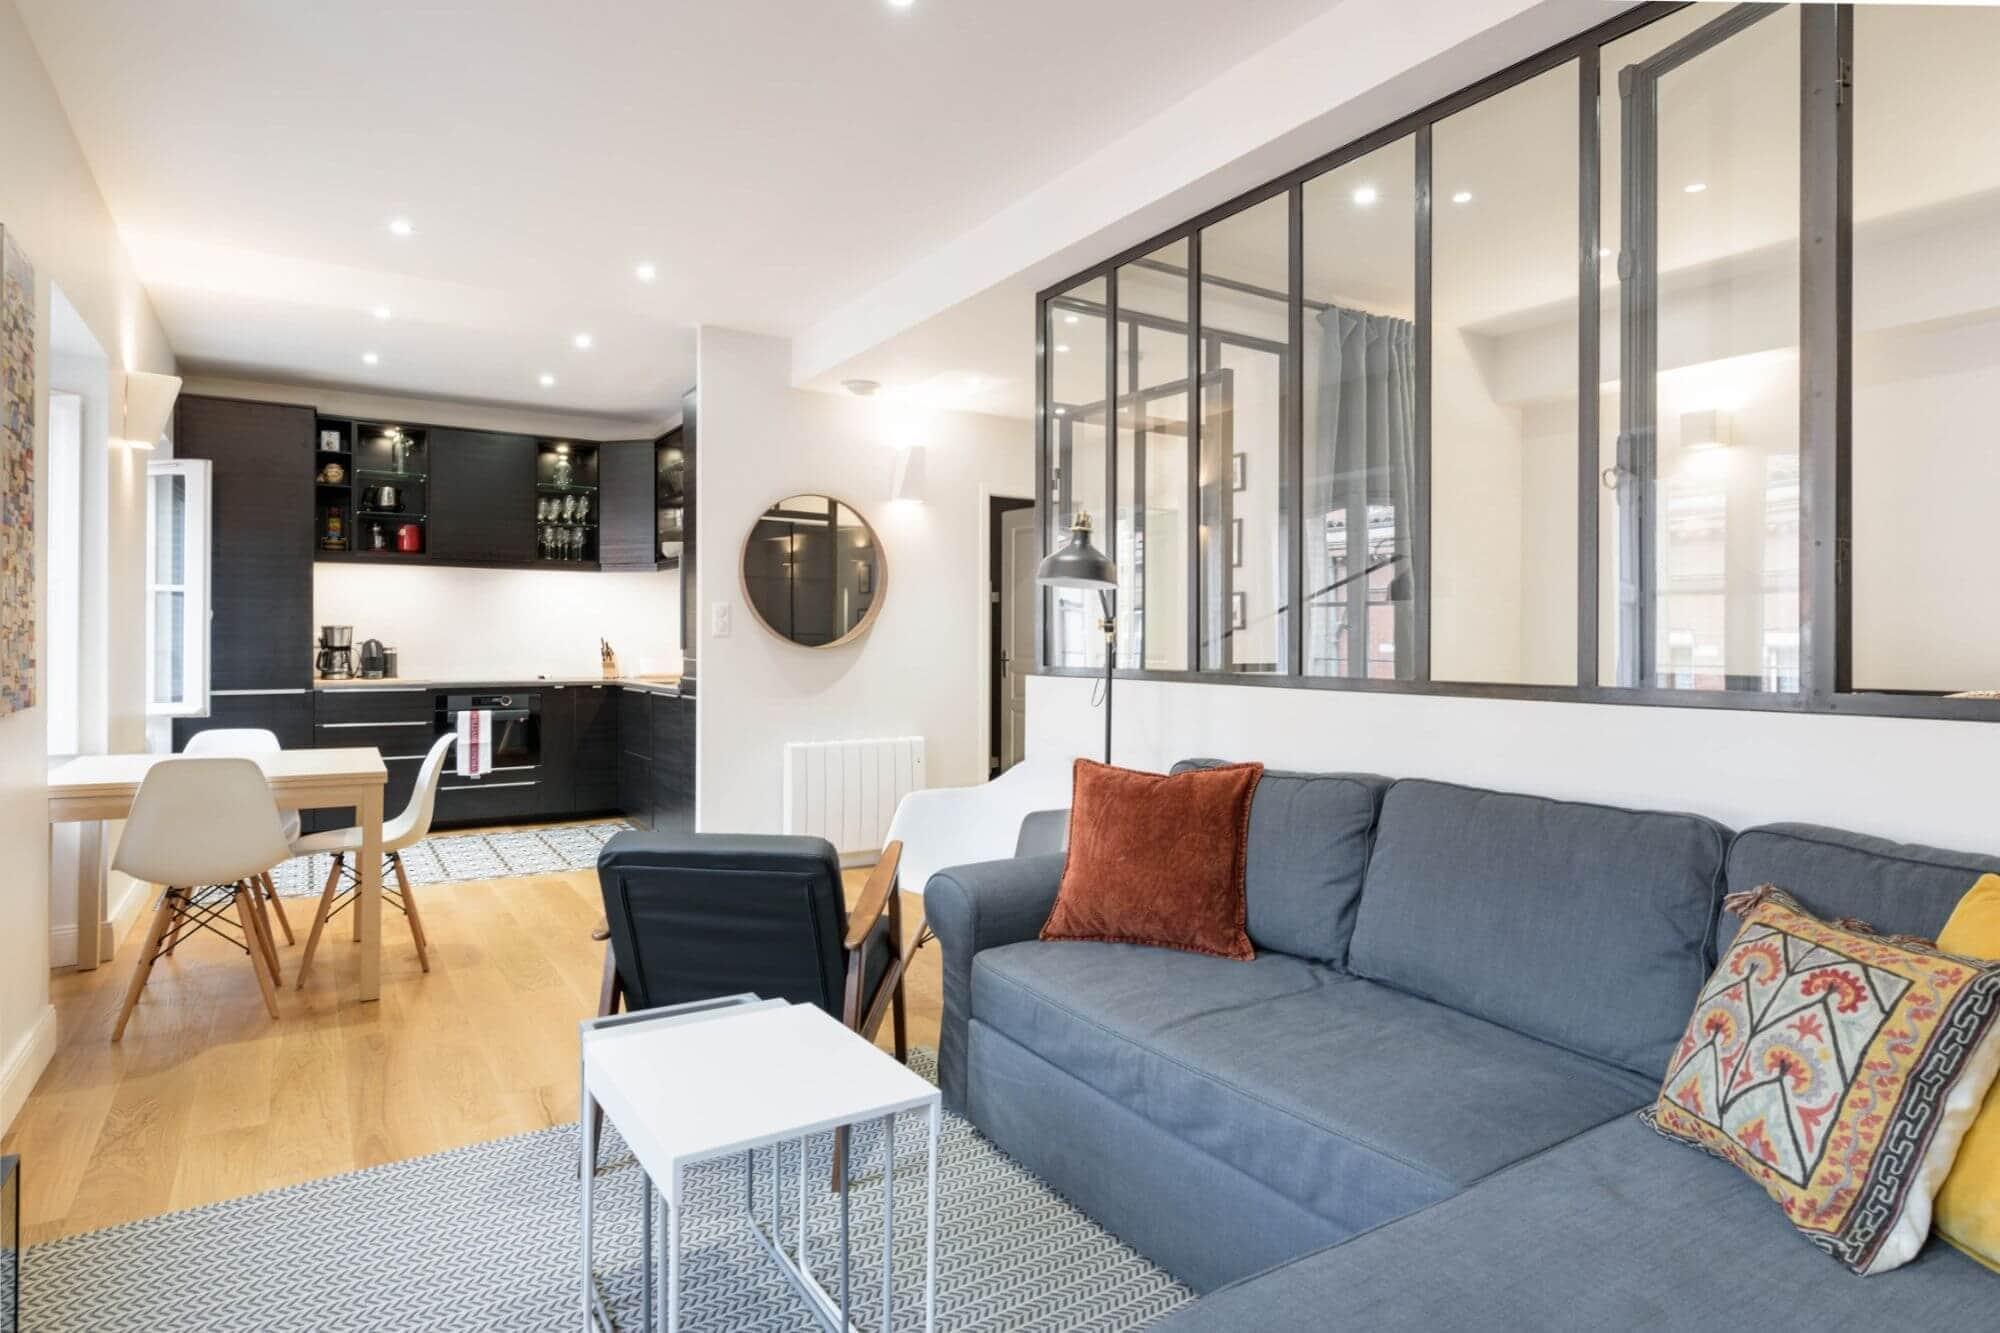 Appartement, Rénovation, Toulouse, Compans Caffarelli, Verrière, Salon, Cuisine